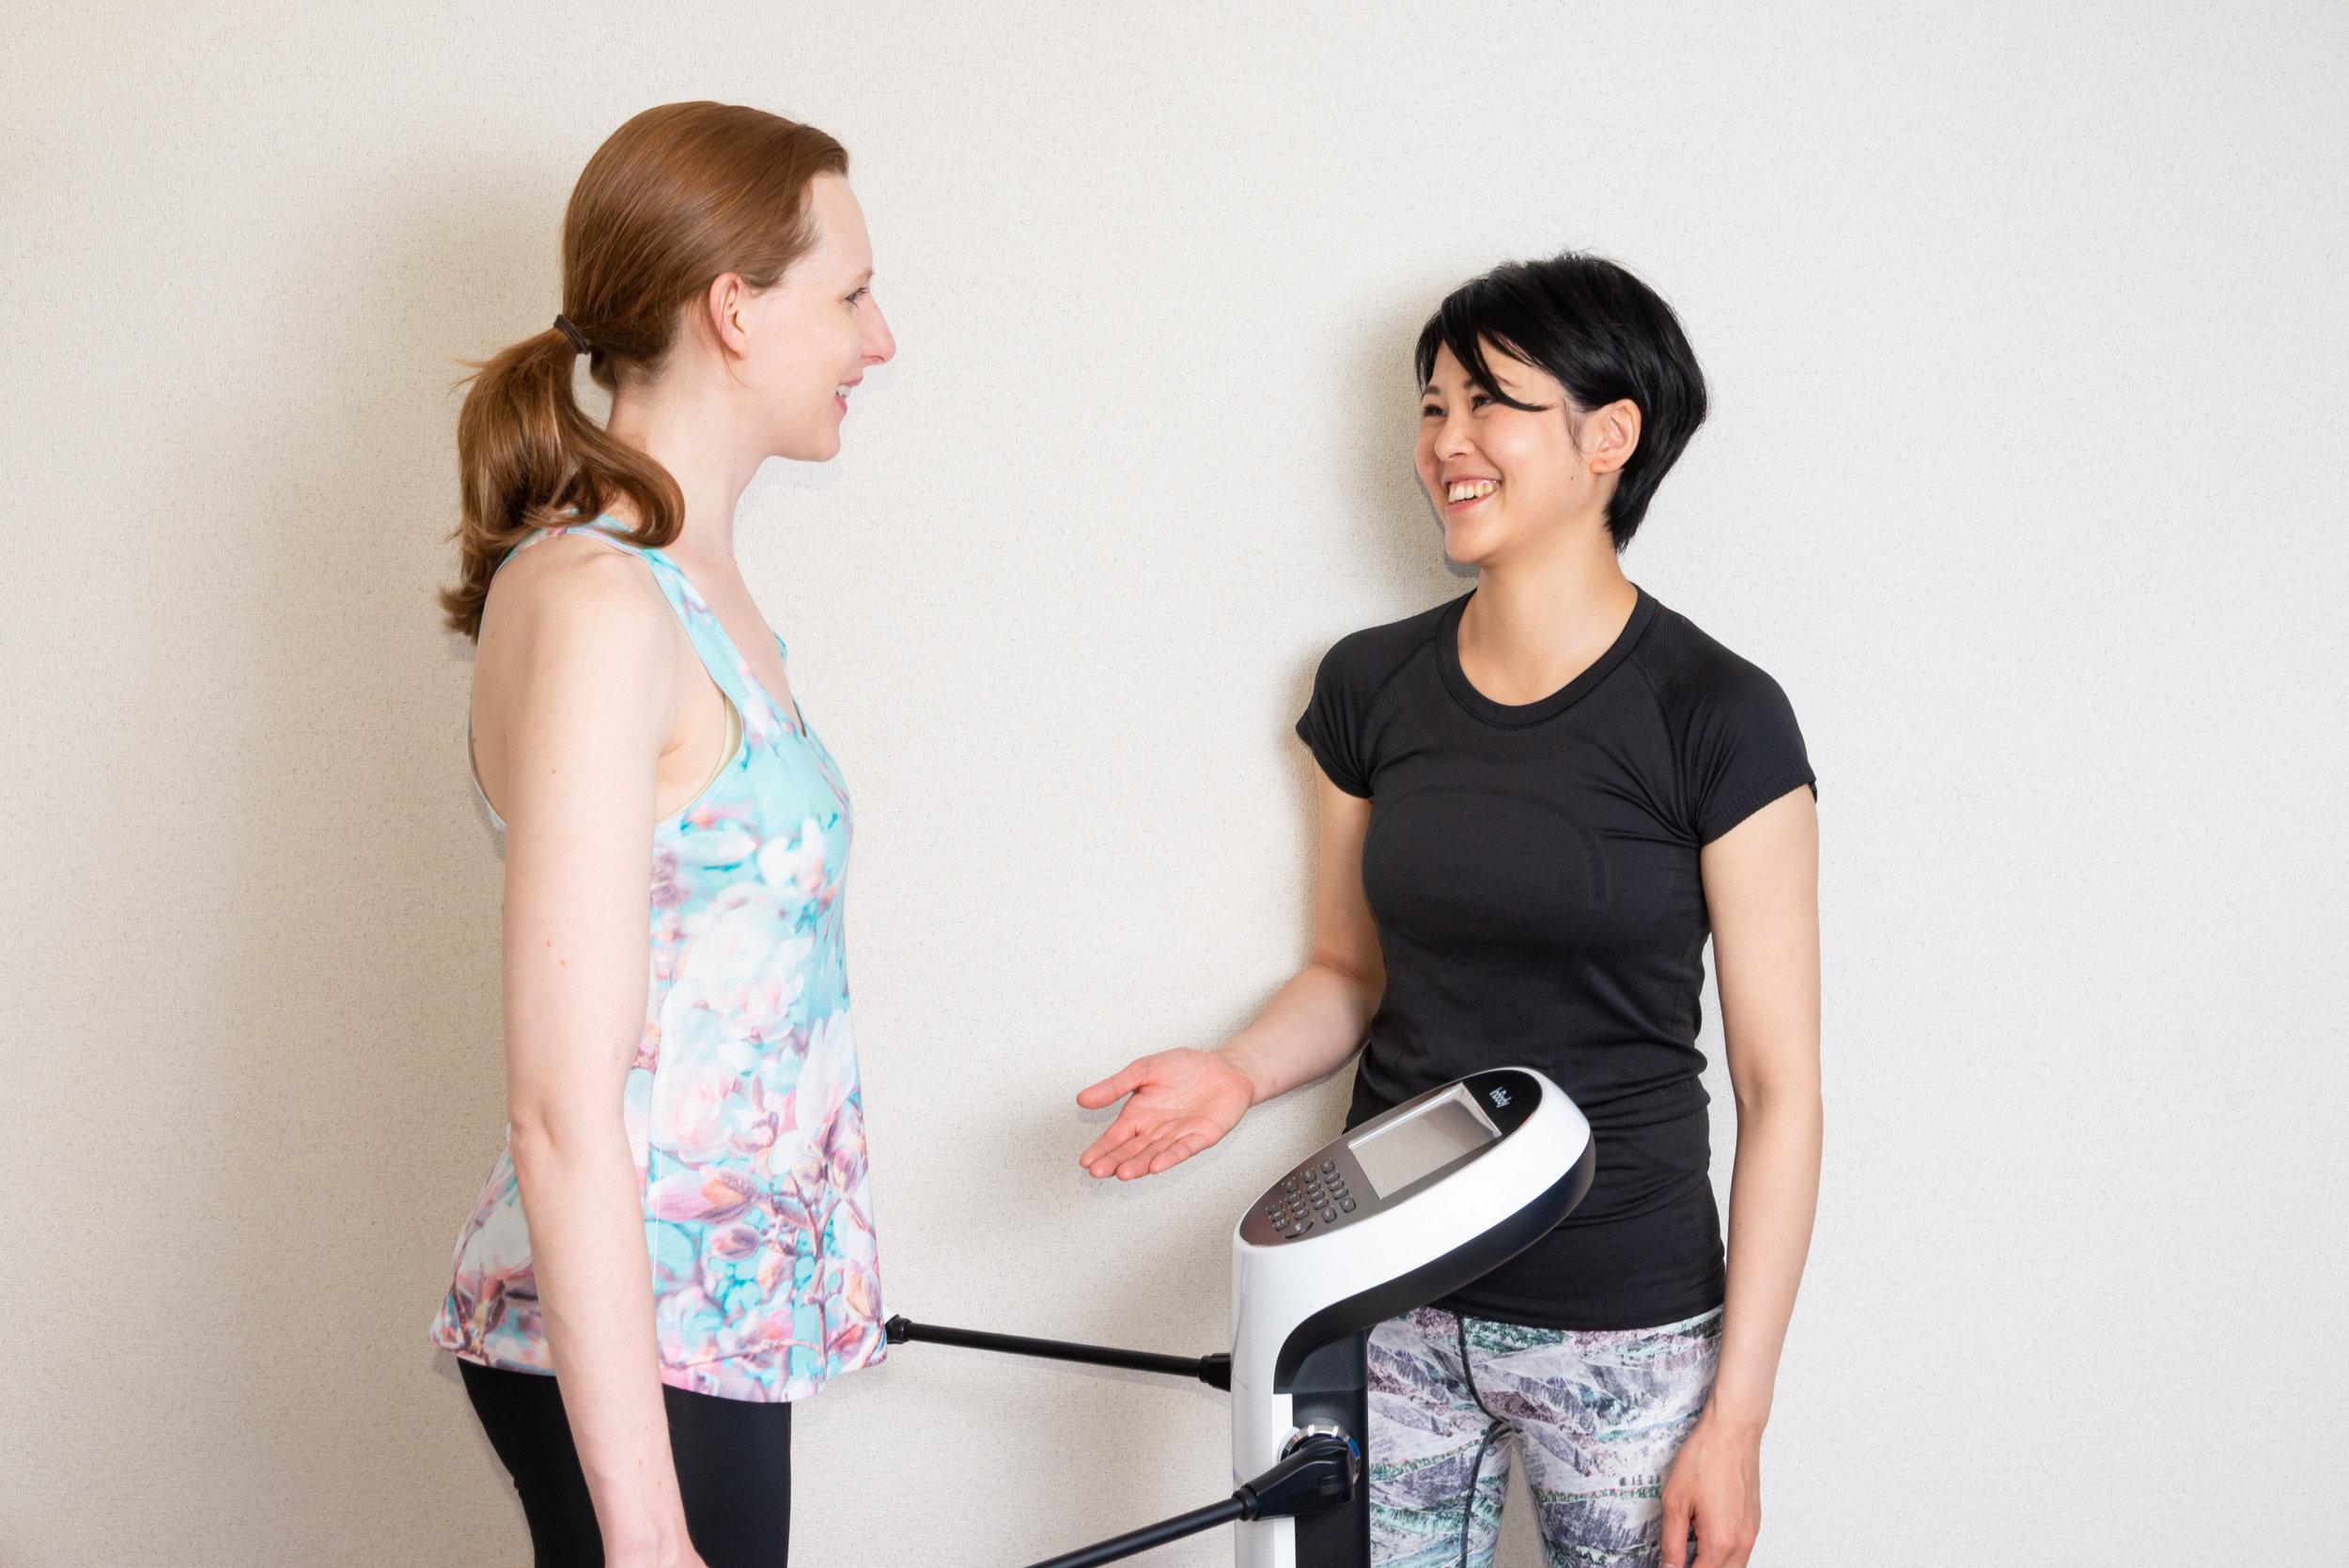 測定・目標設定 - 体重や体脂肪量、筋肉量の測定に始まり、骨盤や肩甲骨の周りのかたさ、足首の柔軟性から各筋肉のつき方、パーツのバランス、体重移動のクセ、呼吸、その他必要と思う事全てお調べ致します。なぜ猫背なのか?なぜ腰が痛むのか?など原因や改善方法なども明確にしていきます